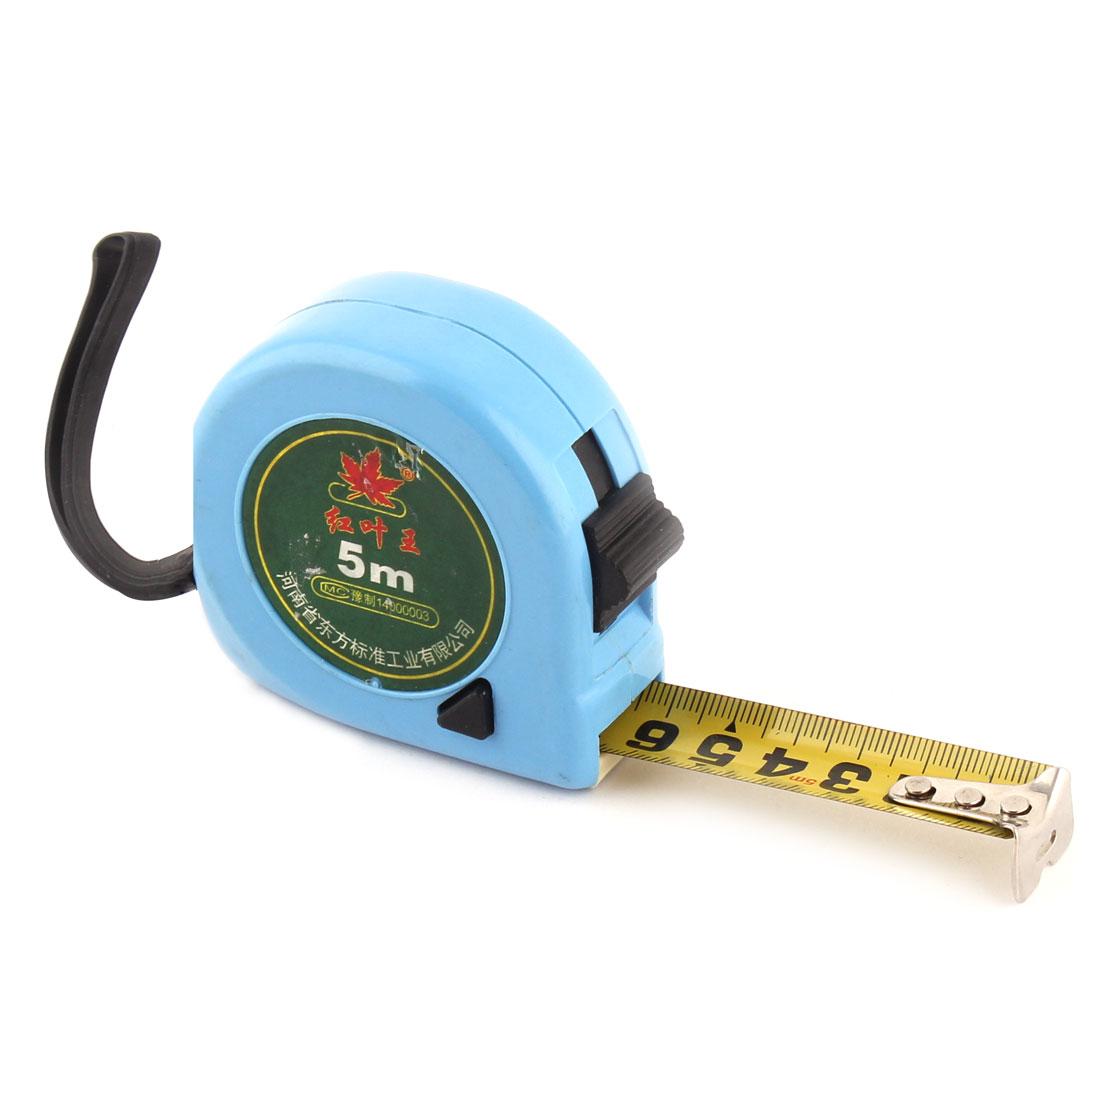 Plastic Shell Retractable Flexible Metal Tape Measuring Ruler 5 Meter Bule